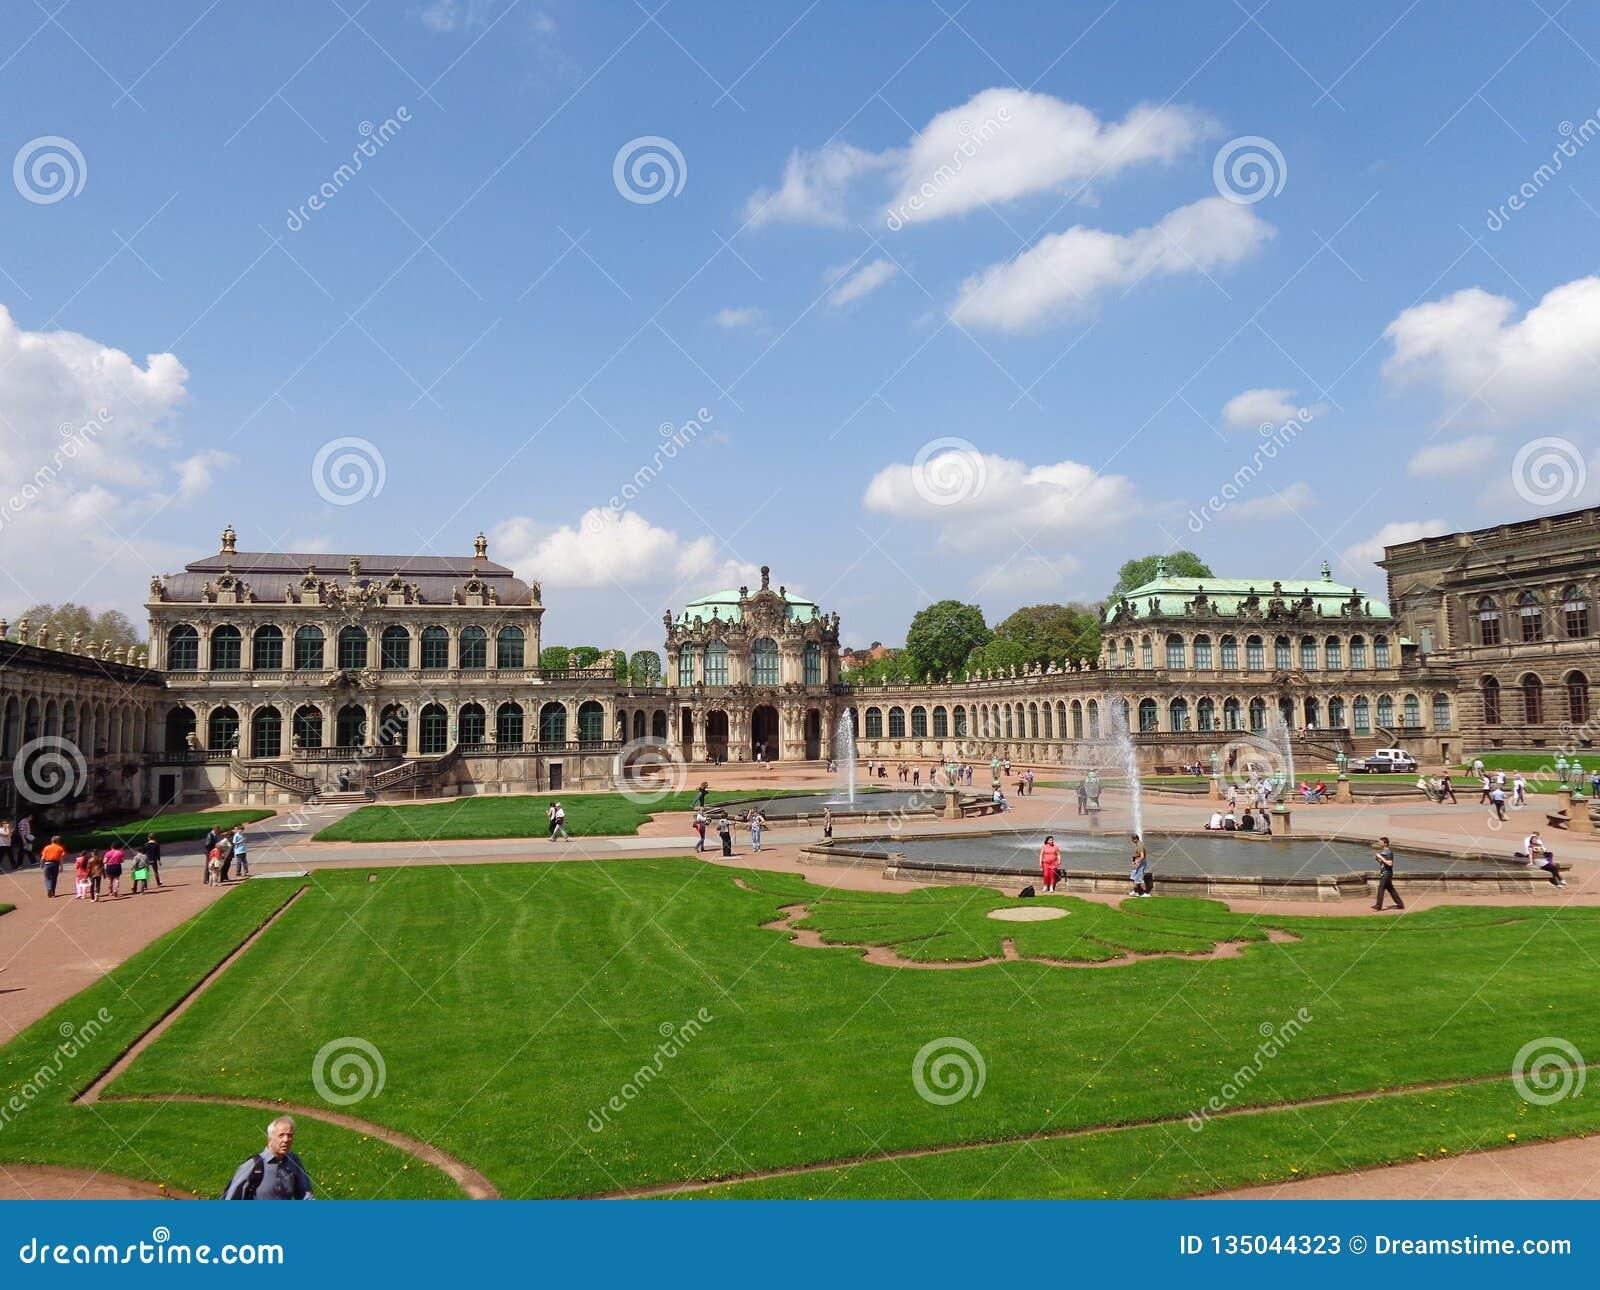 Belvedere Vienna Austria del palazzo del parco